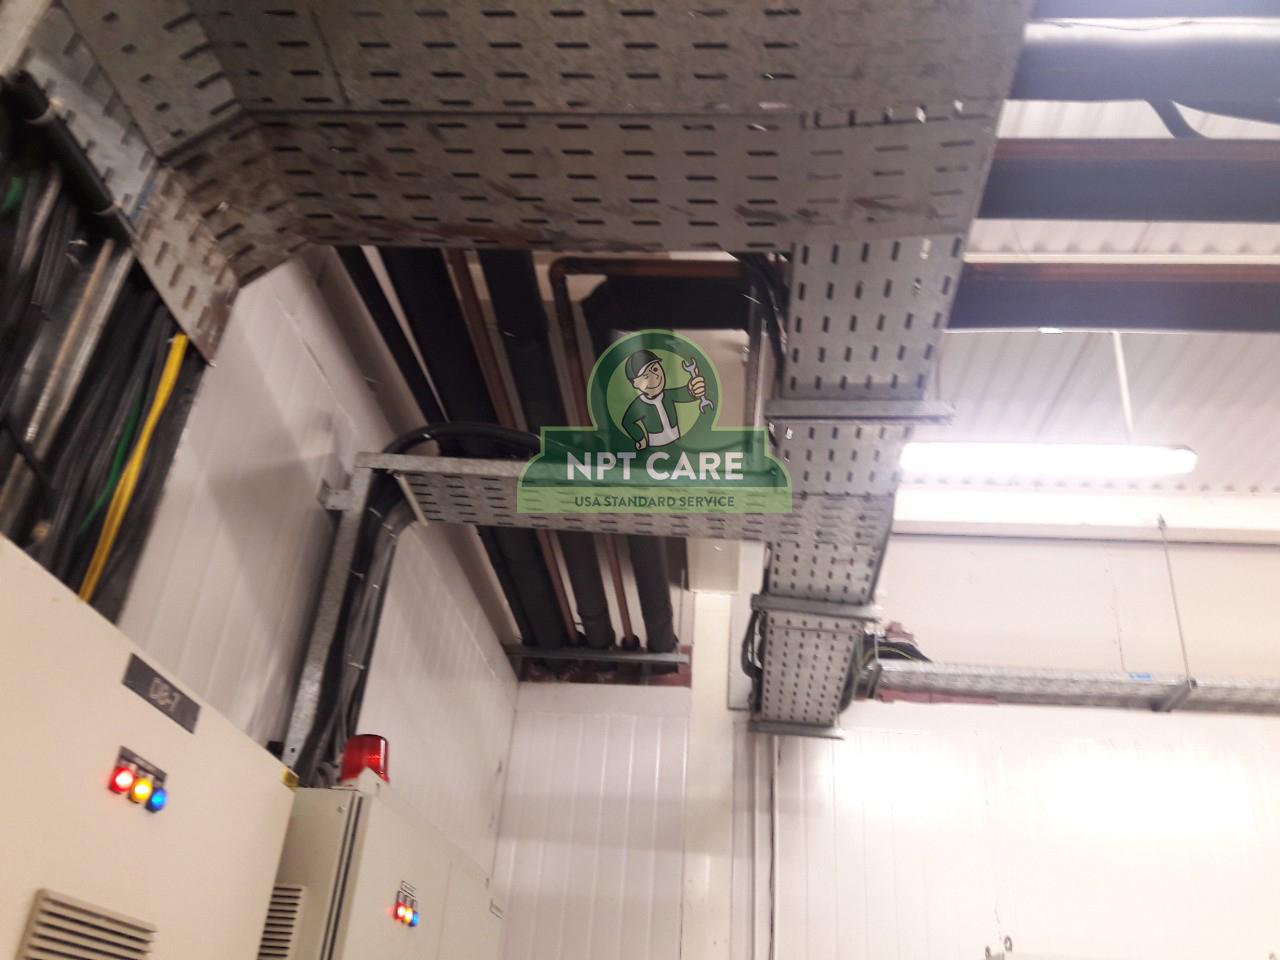 Khảo sát và lên phương án bảo trì hệ thống lạnh công nghiệp MM MEGA MARKET tại Nghệ An 2